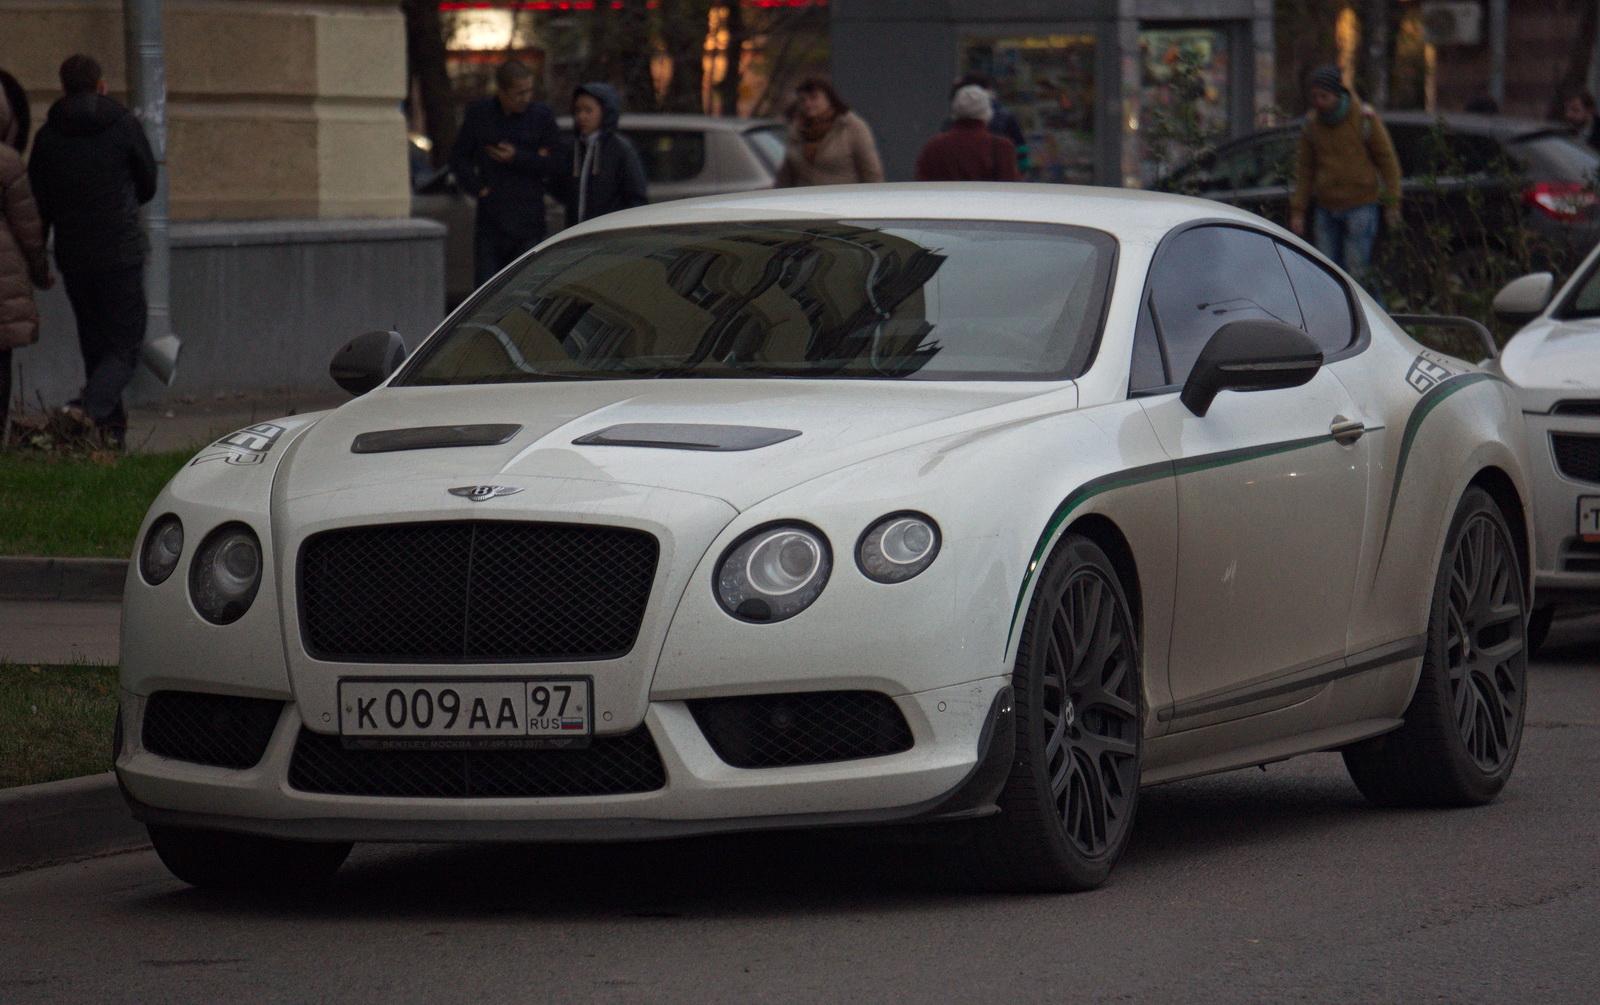 Первая машина - в 23 года за 75 млн рублей. Как выглядел проданный автопарк Александра Кокорина